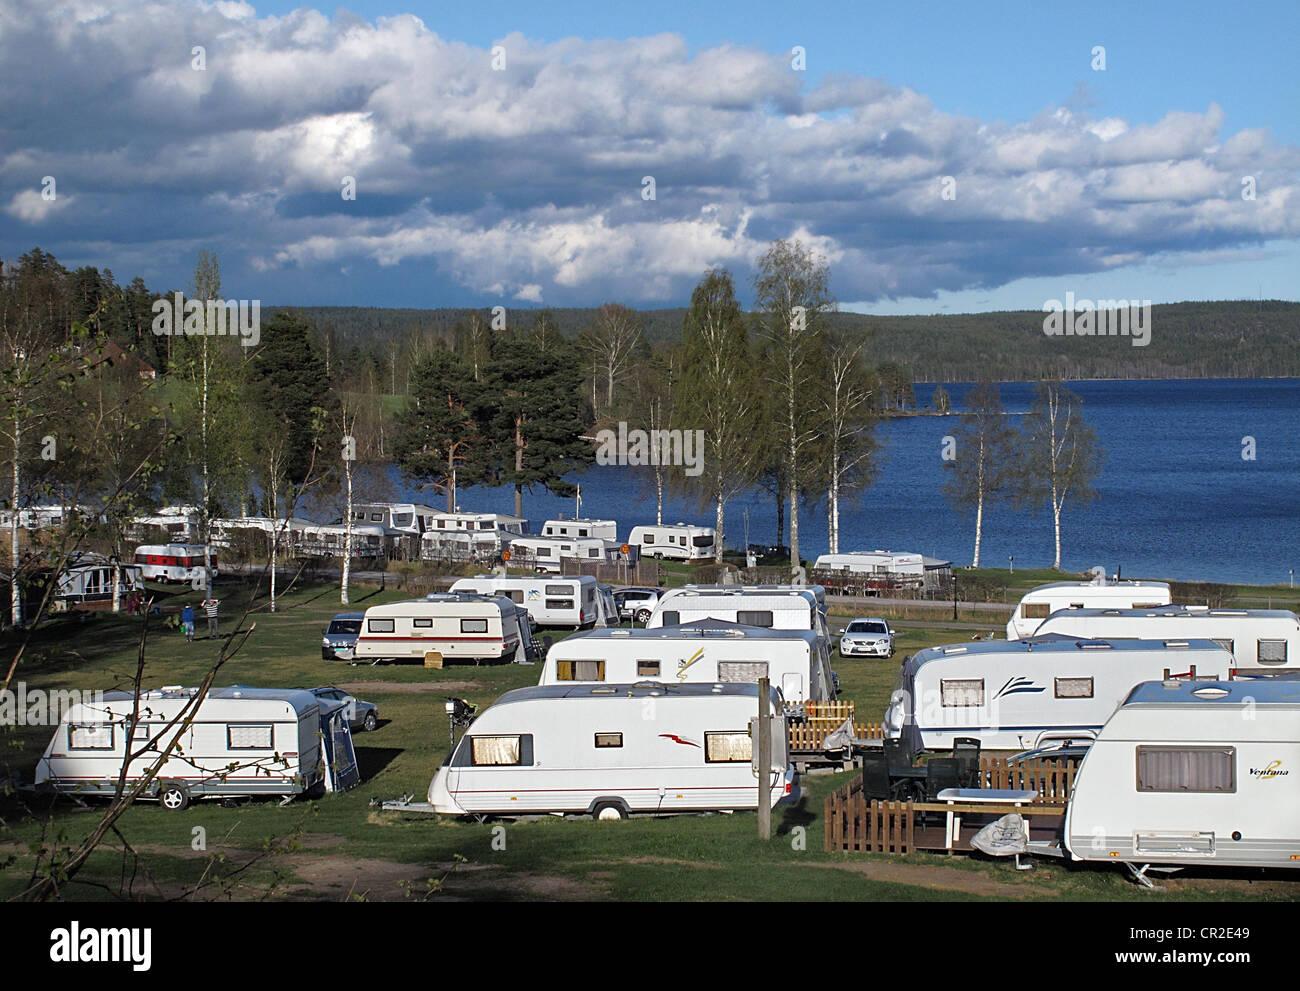 Roulotte in Ekeby Camping da Västra Silen lago, Årjäng, Värmland, Svezia Immagini Stock